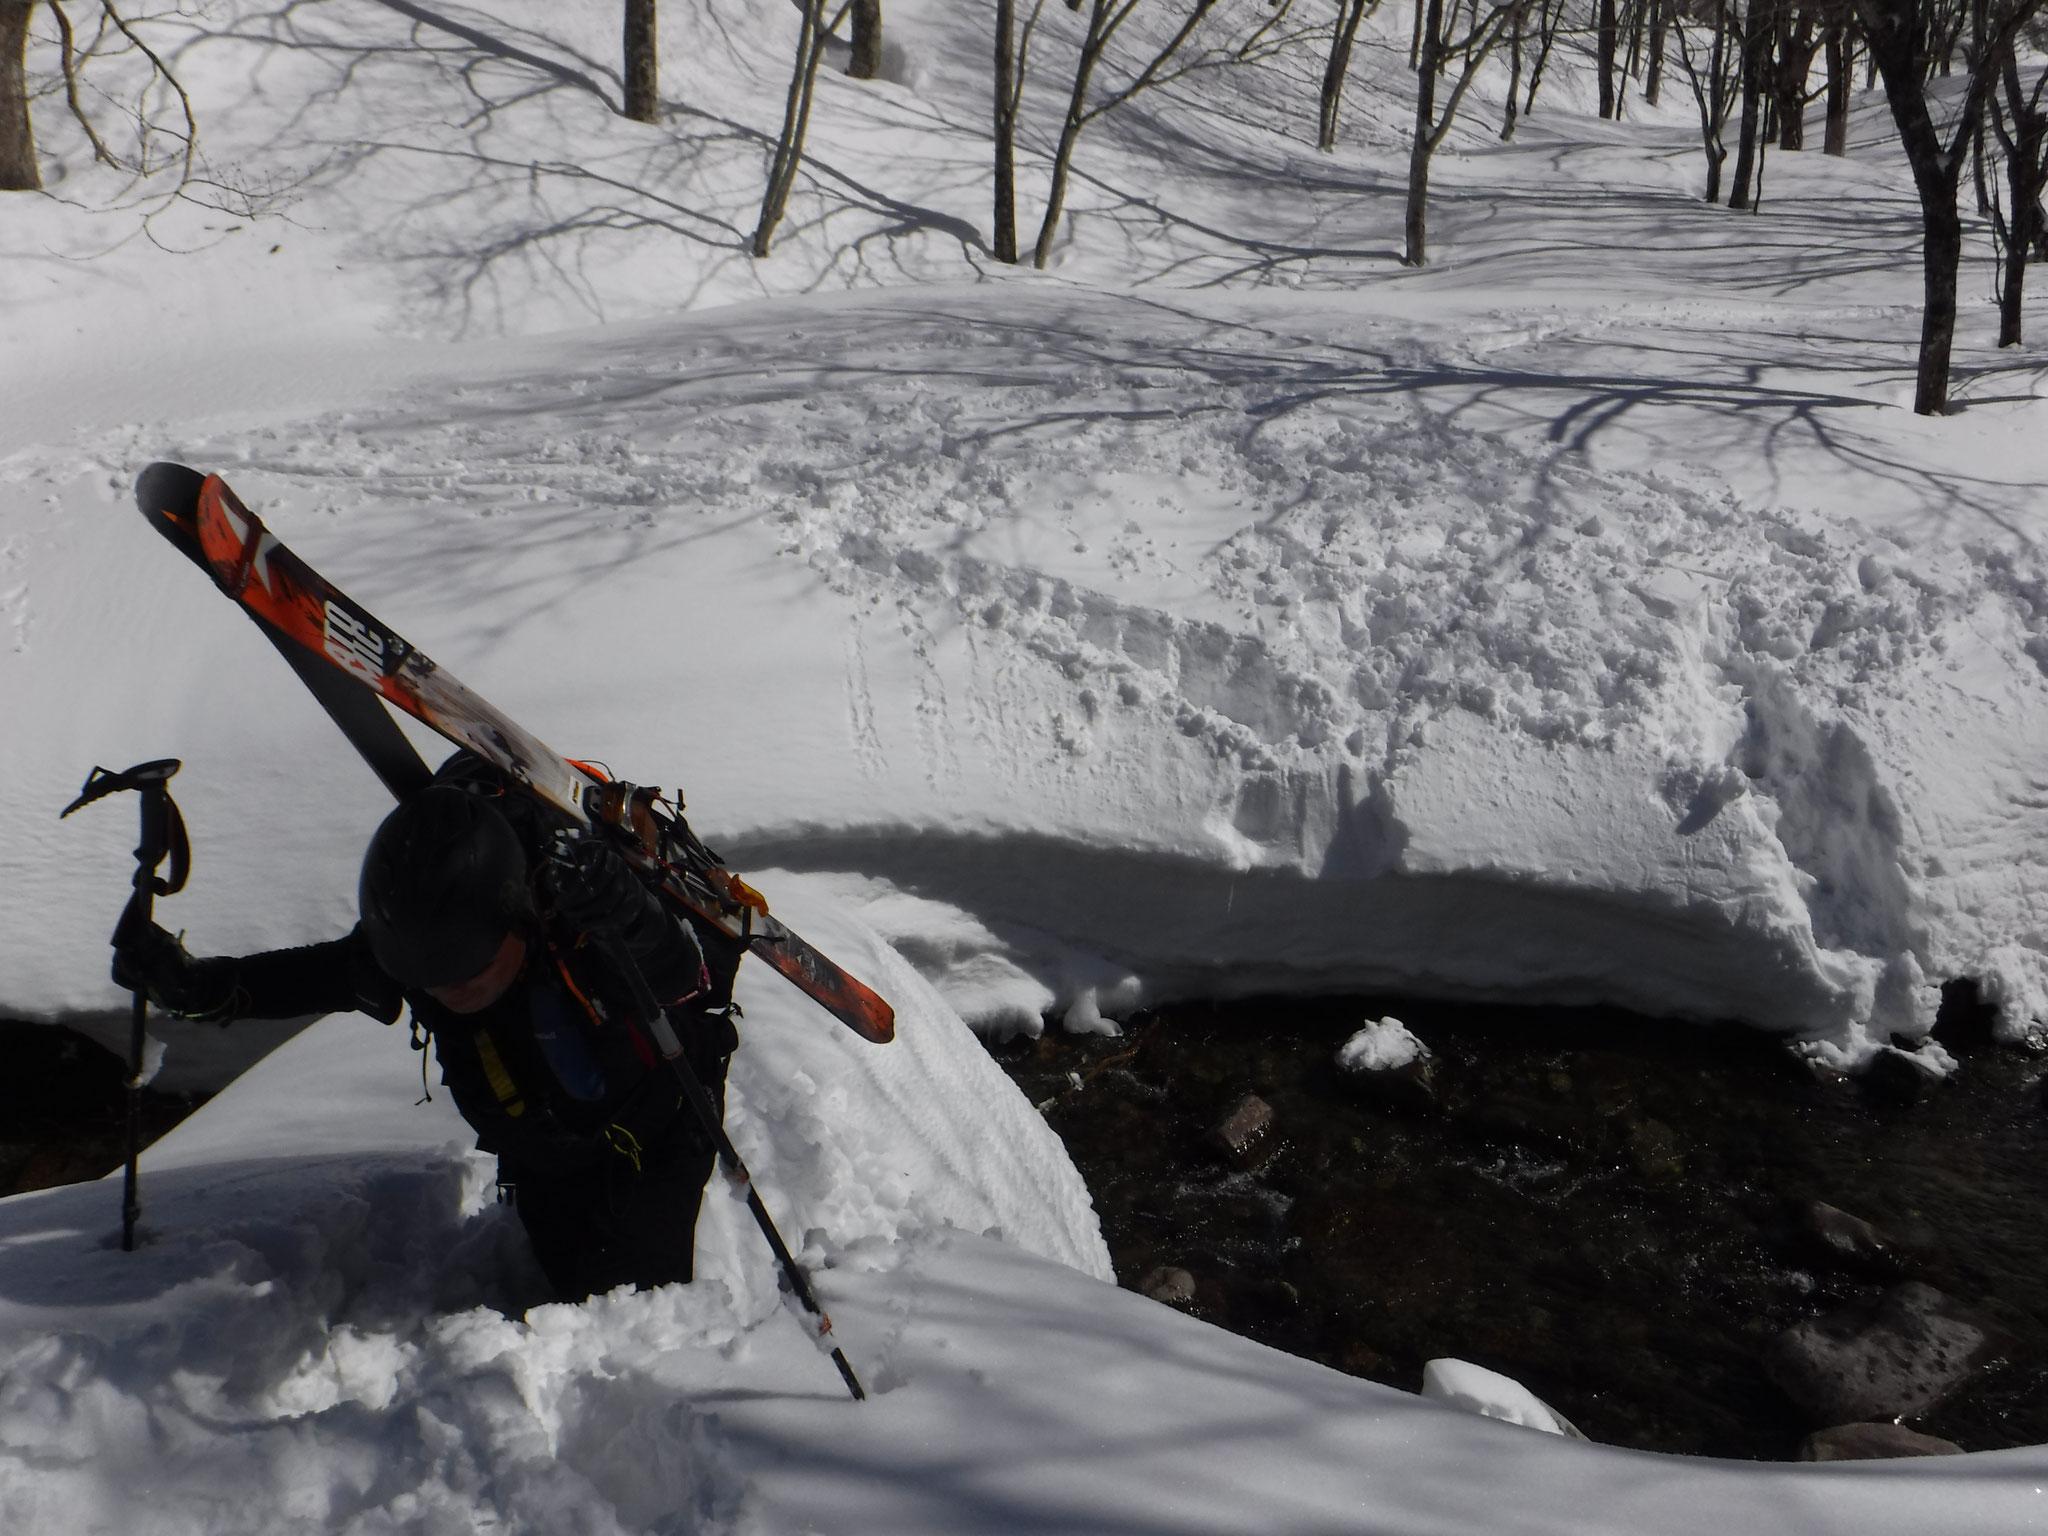 両岸の雪壁に下降、登路をスコップで構築した